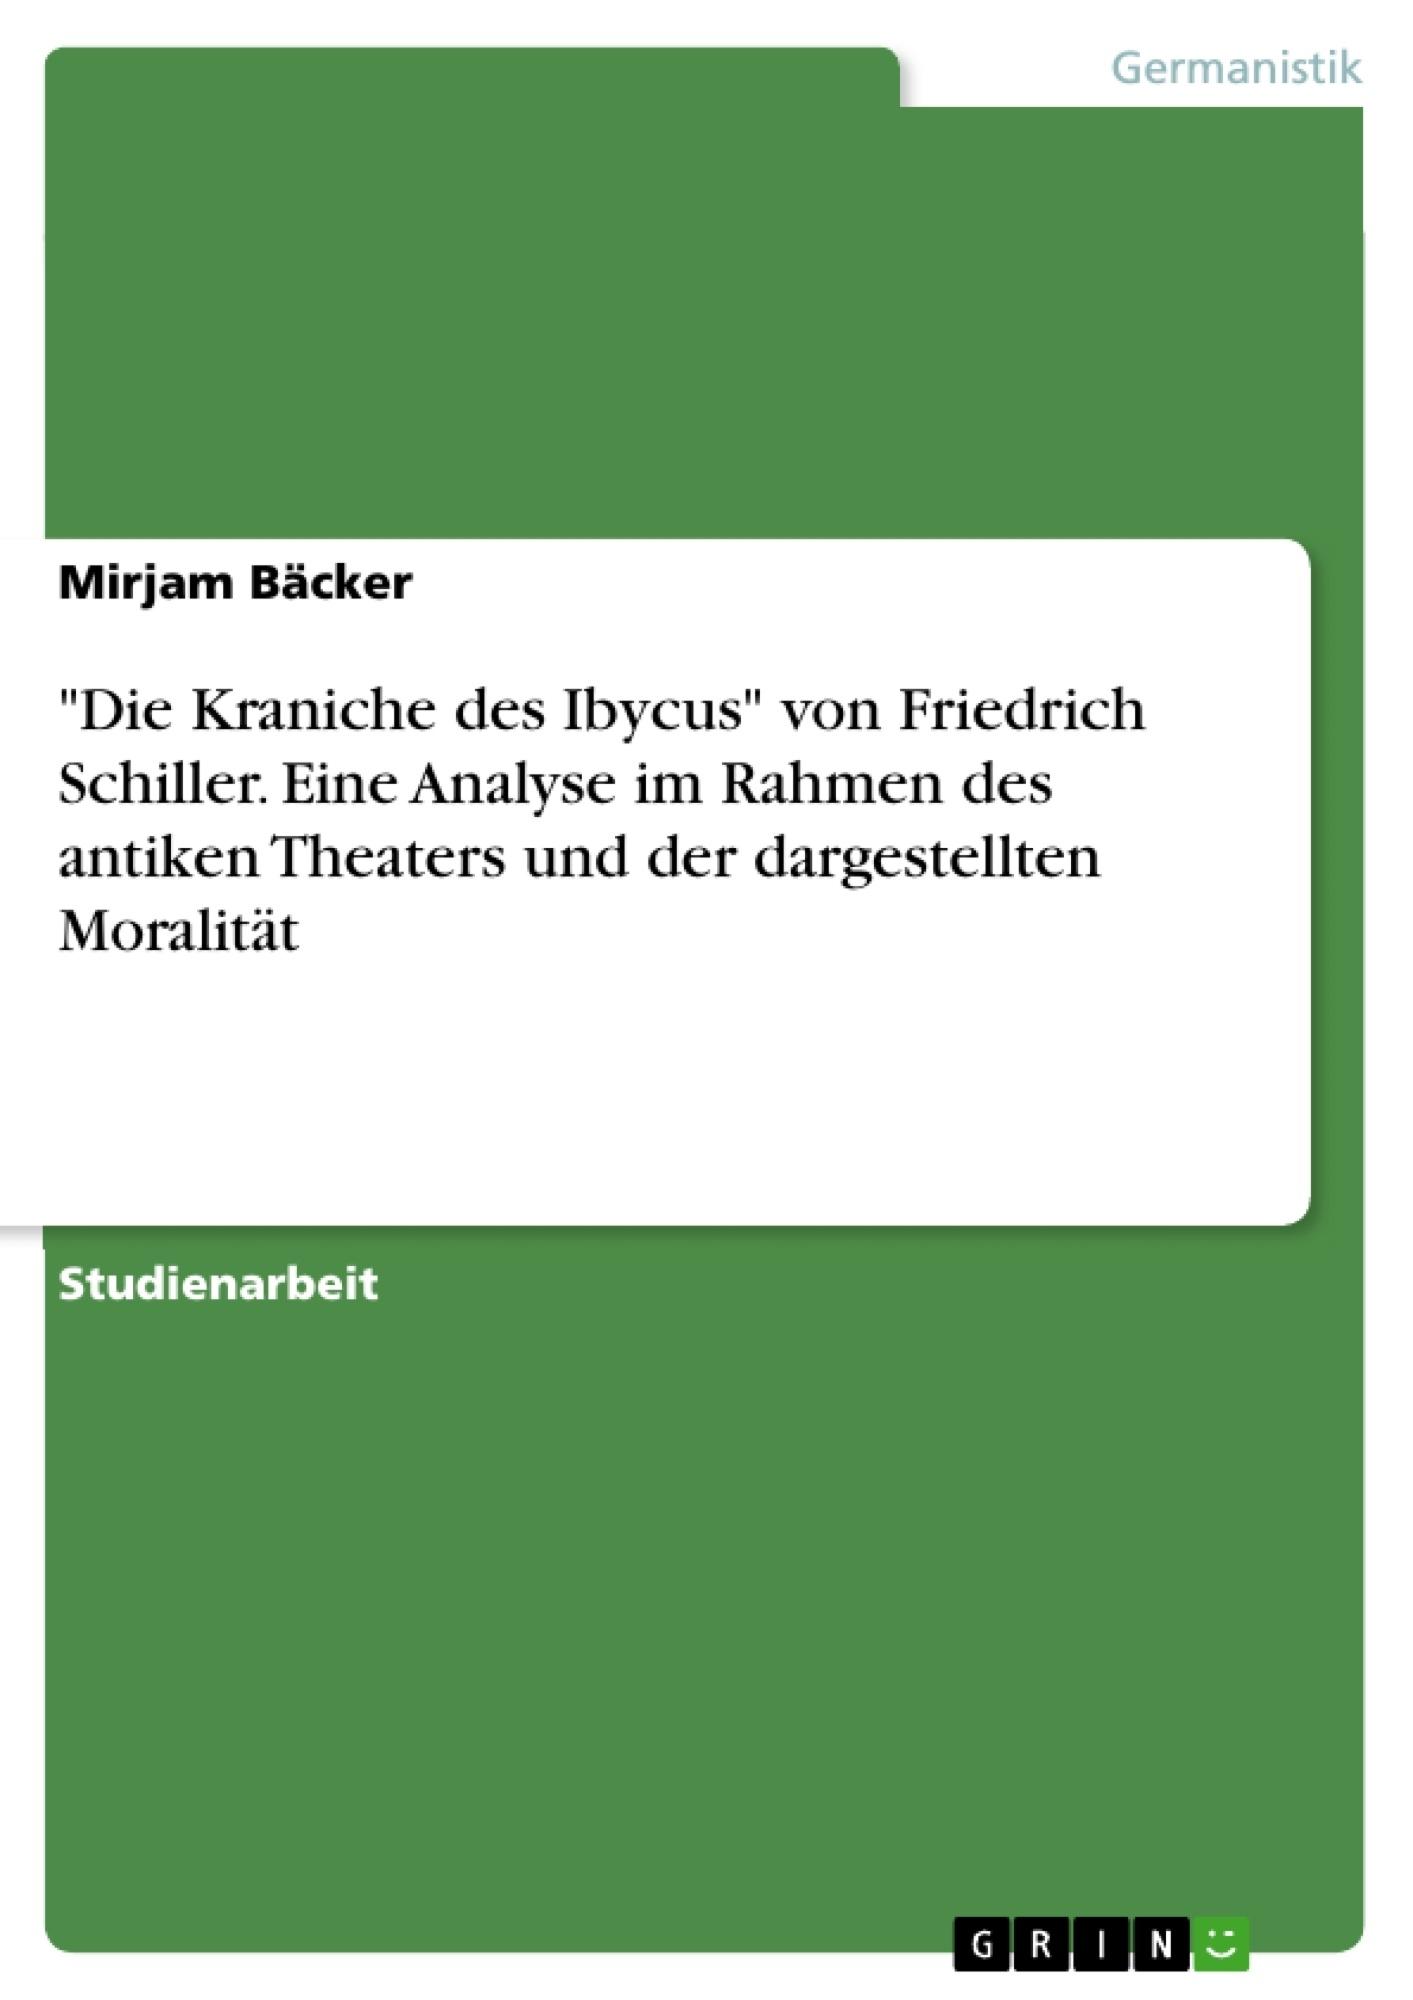 """Titel: """"Die Kraniche des Ibycus"""" von Friedrich Schiller. Eine Analyse im Rahmen des antiken Theaters und der dargestellten Moralität"""